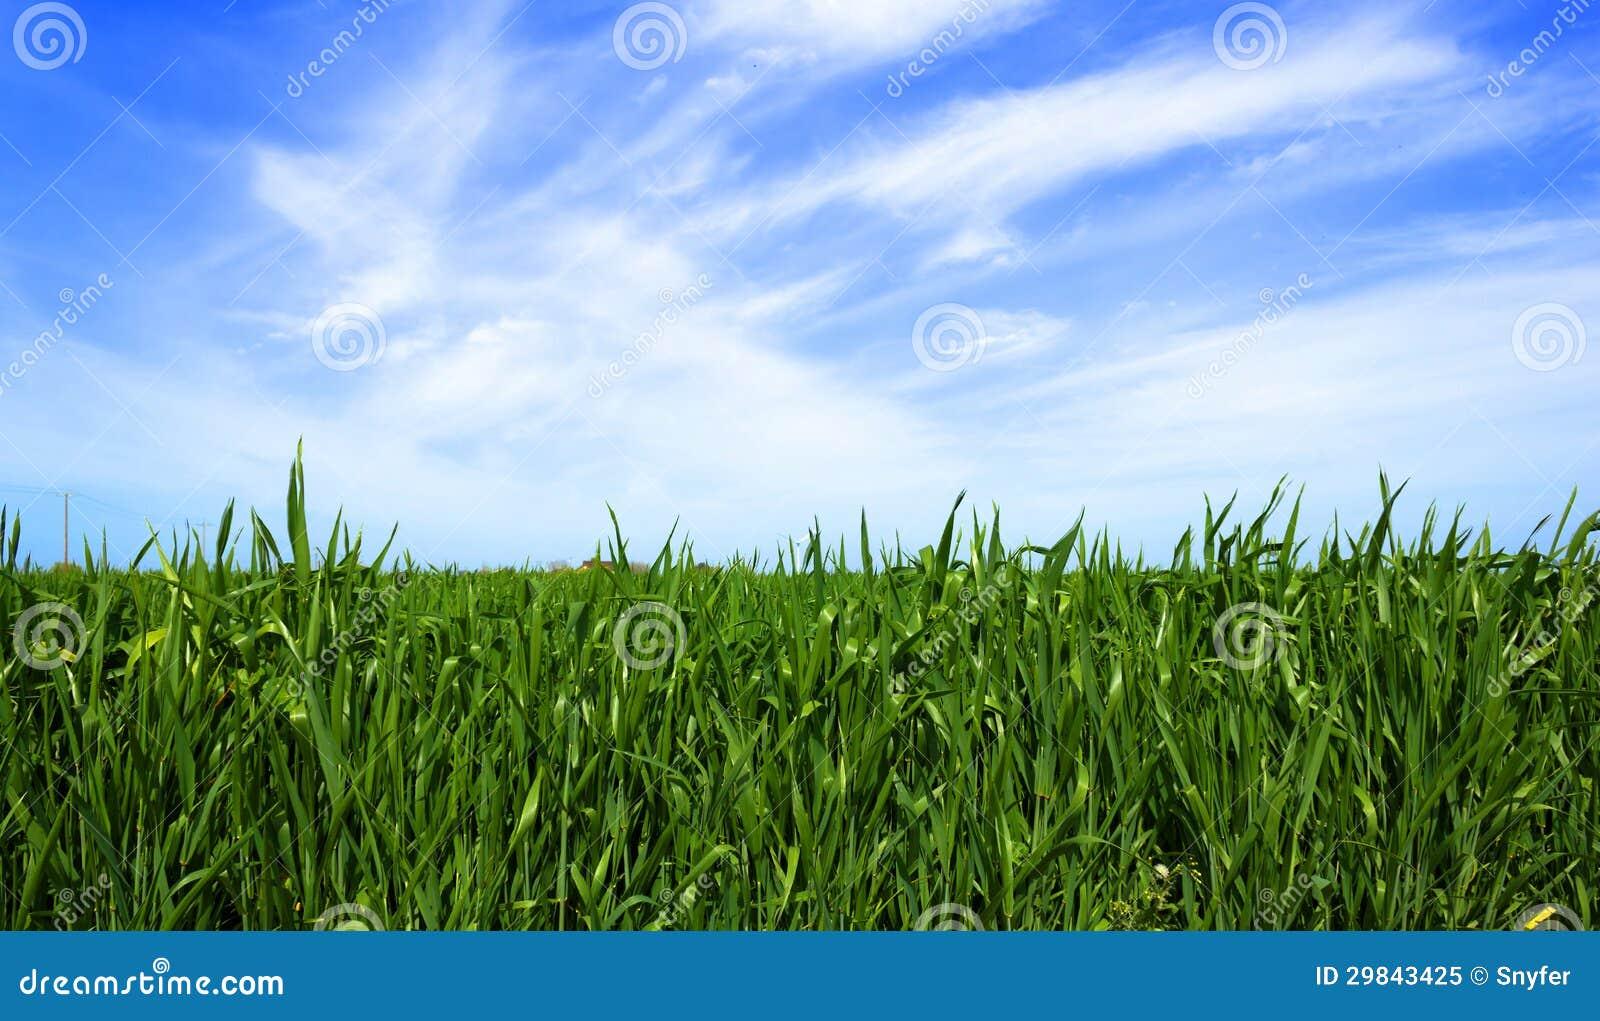 Fundo verde do gramado